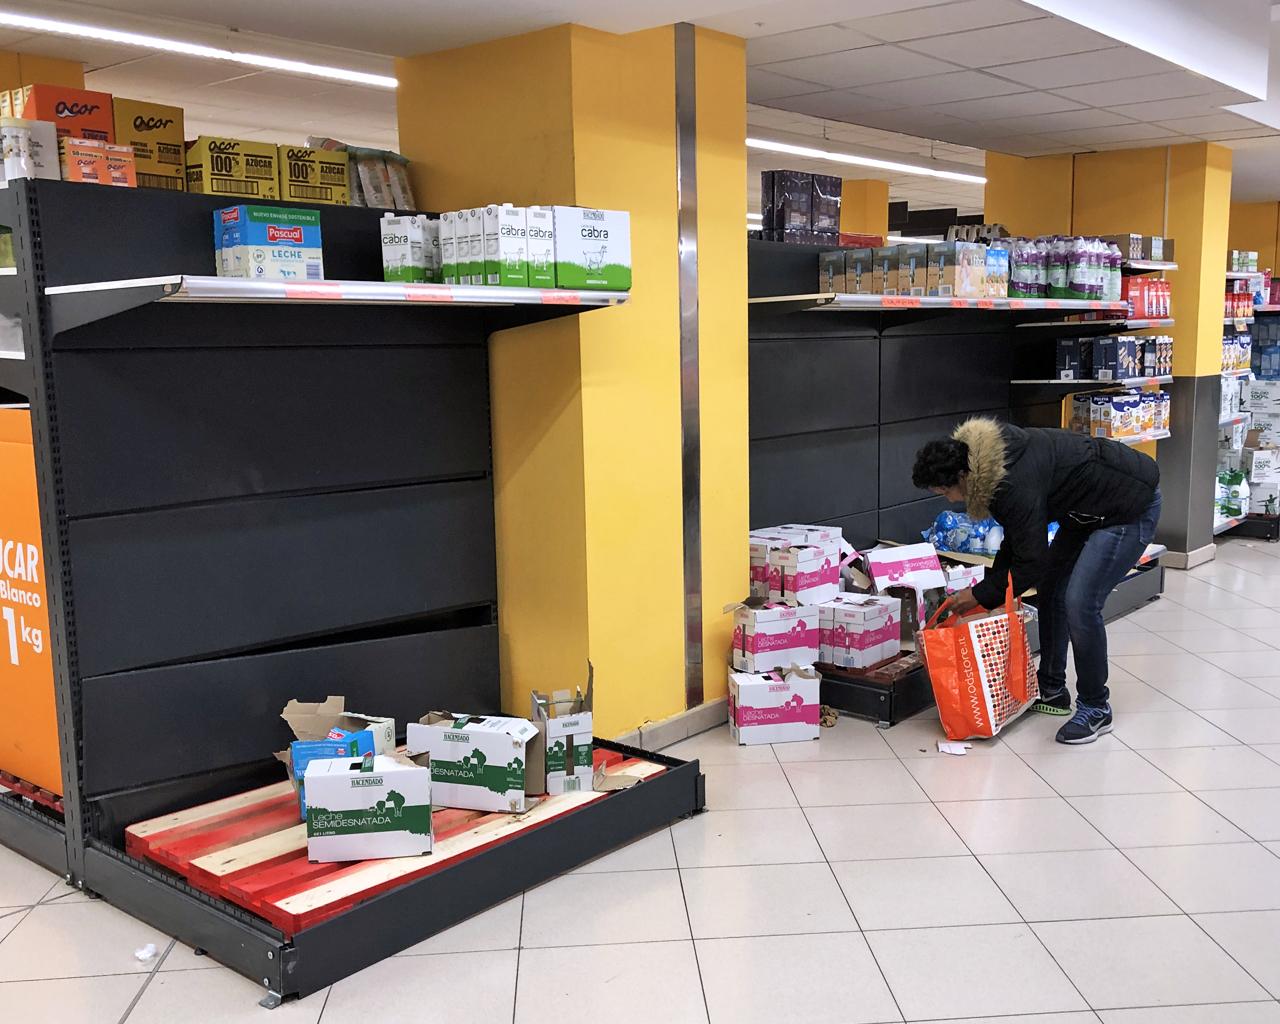 Desabastecimiento en supermercados. Madrid. 10/03/2020.